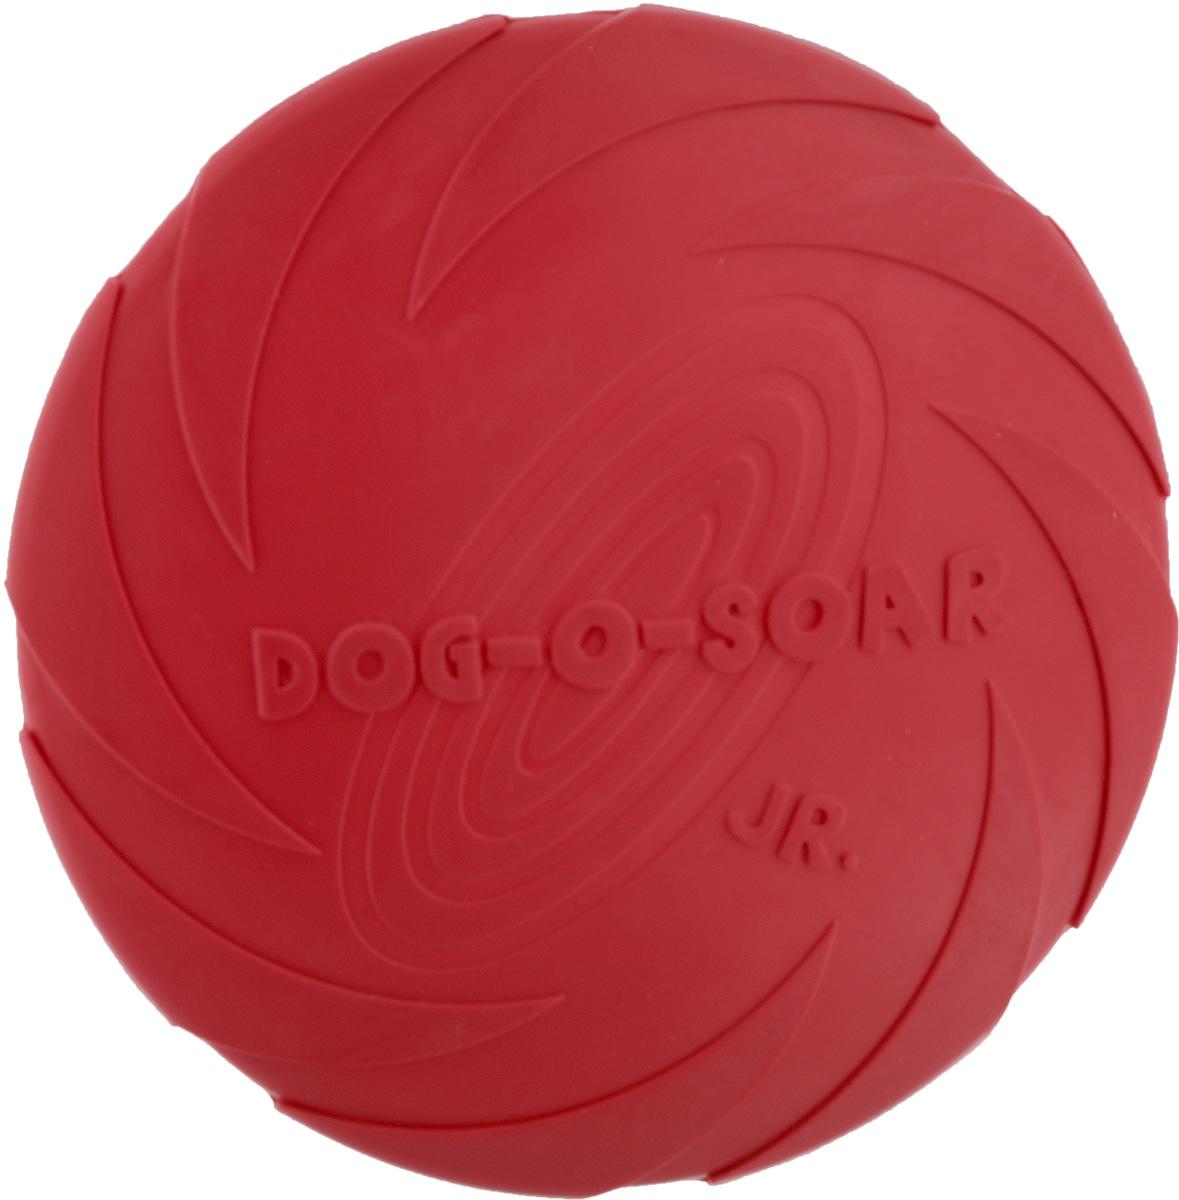 Игрушка для собак I.P.T.S. Фрисби, цвет: красный, диаметр 18 смT2Игрушка I.P.T.S. Фрисби, выполненная из резины, отлично подойдет для совместных игр хозяина и собаки. В отличие от пластиковых, такая игрушка не образует острых зазубрин и трещин, способных повредить десны питомца. Совместные игры укрепляют взаимоотношение и понимание.Диаметр: 18 см.